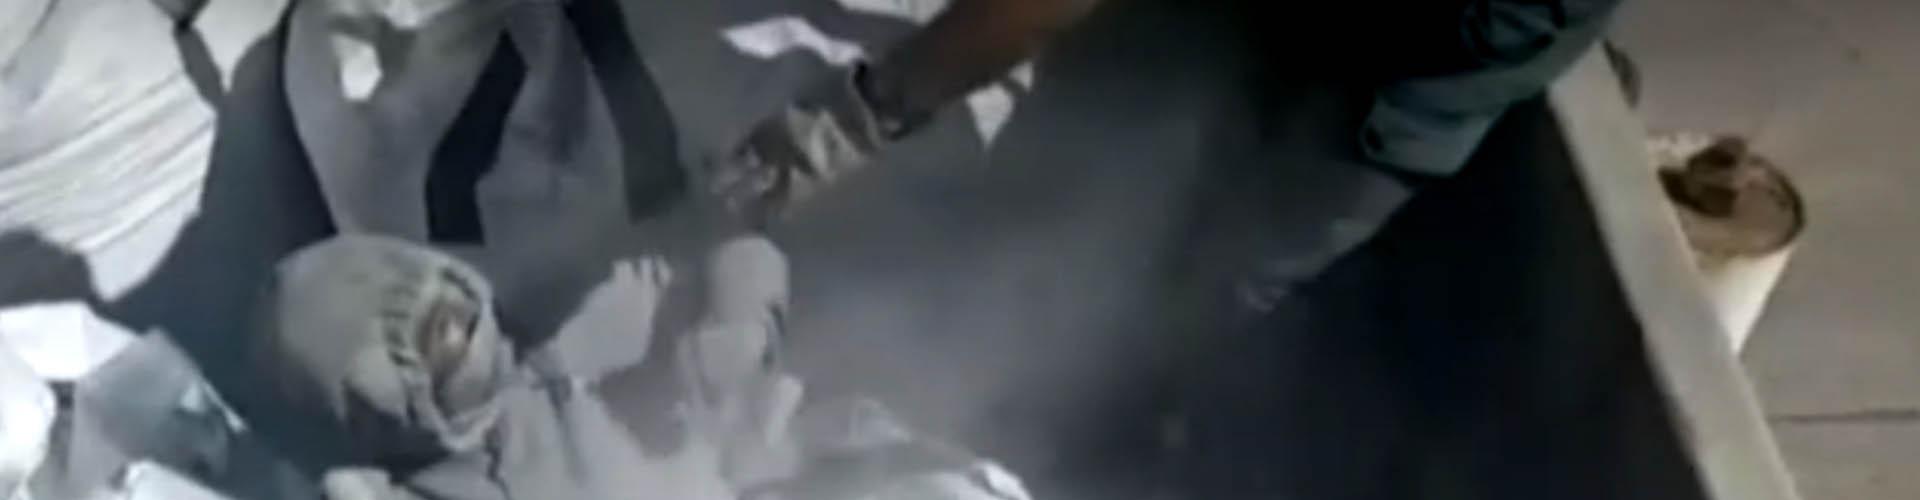 (VIDEO) Hallan a migrante oculto dentro de una bolsa, en medio de cenizas tóxicas